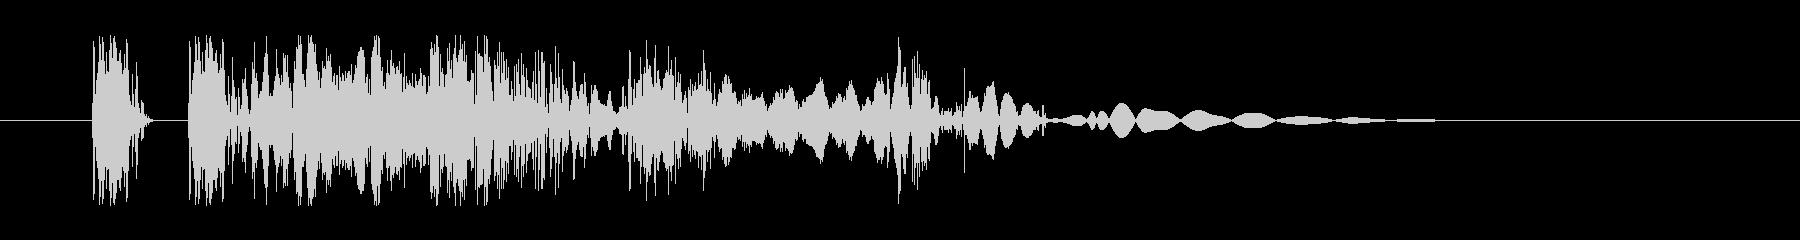 ヒット音。重い音。デュクシの未再生の波形